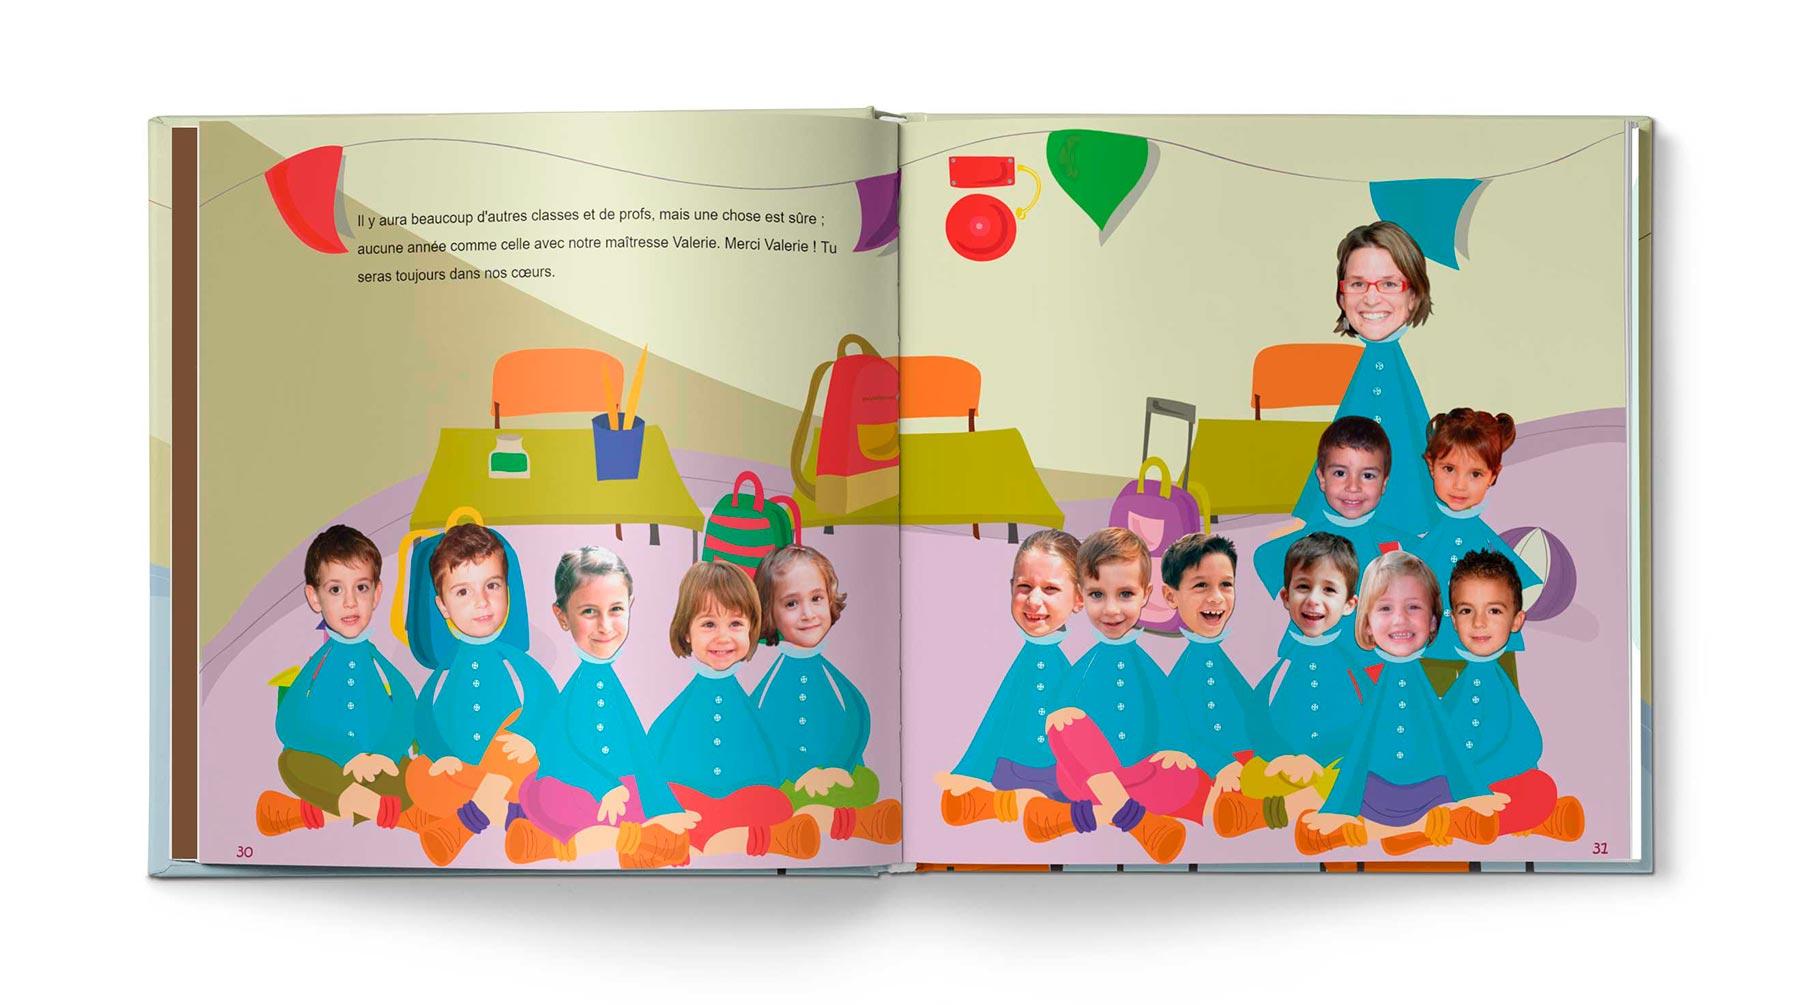 Histoire Le livre d'école - Image 15